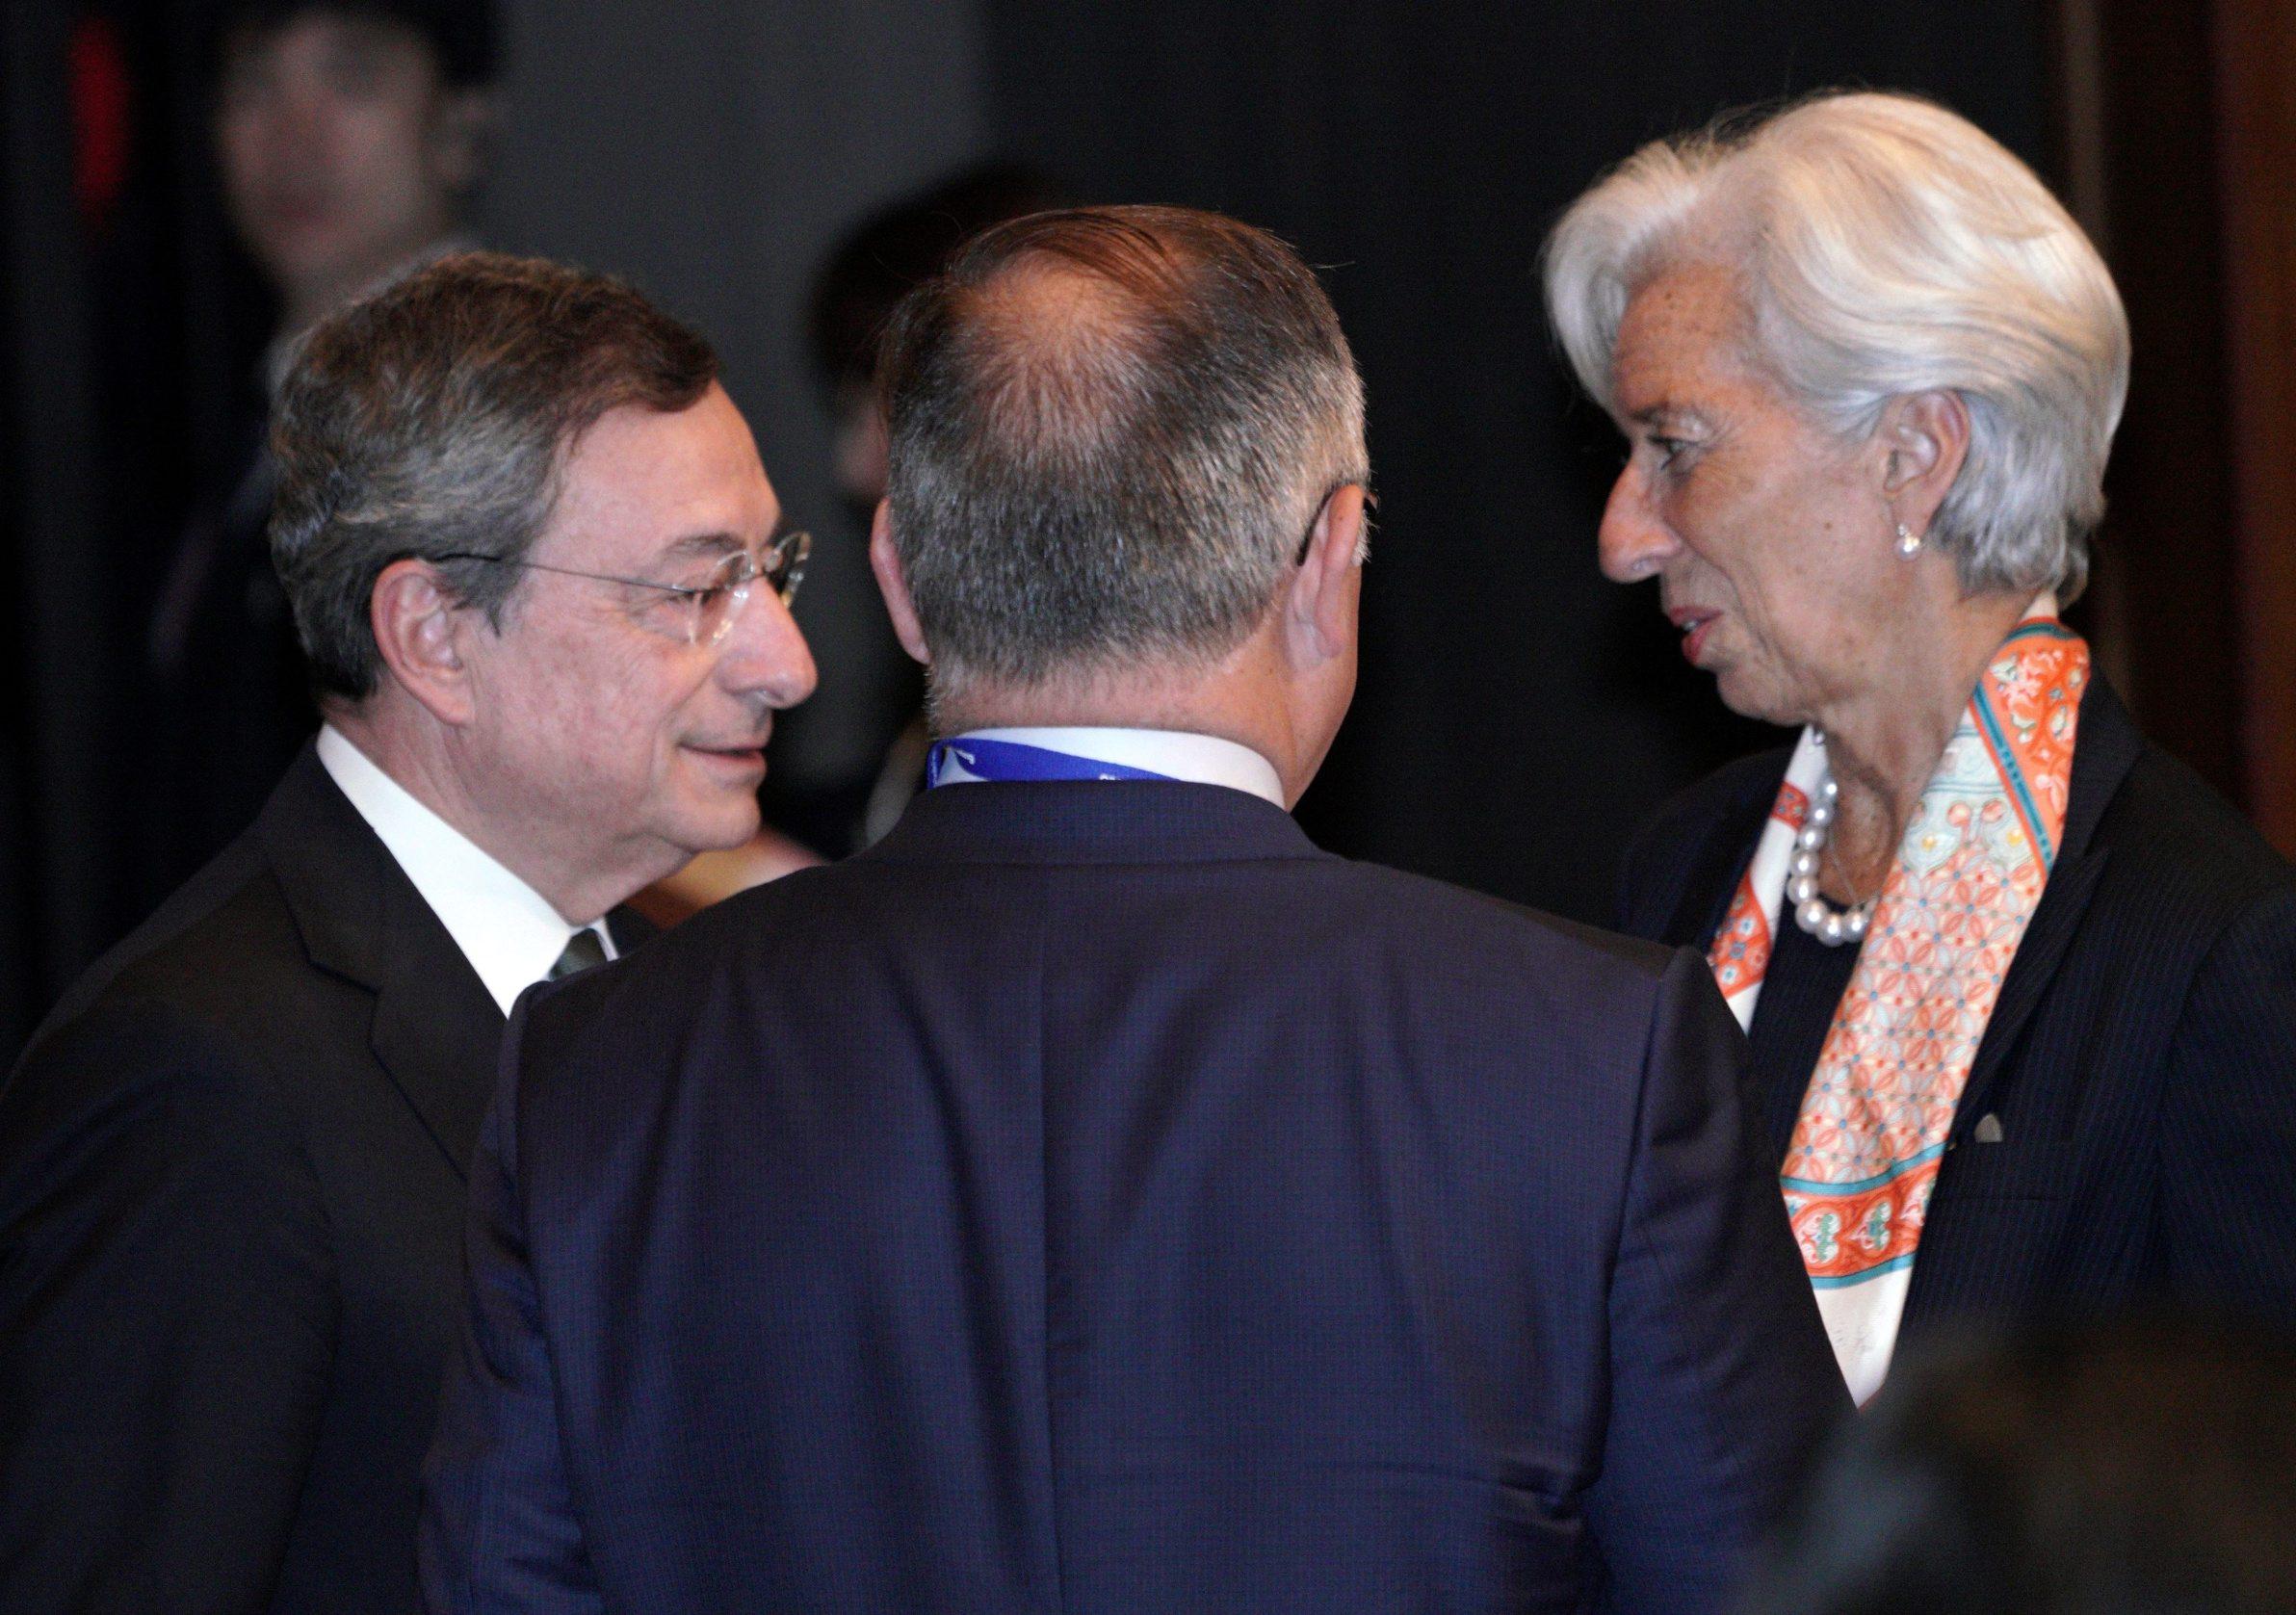 Christine Lagarde (desno), predsjednika MMF-a i Mario Draghi (lijevo), predsjednik Europske središnje banke ustrajno rade na stabilnosti eurozone, ali i cijele EU